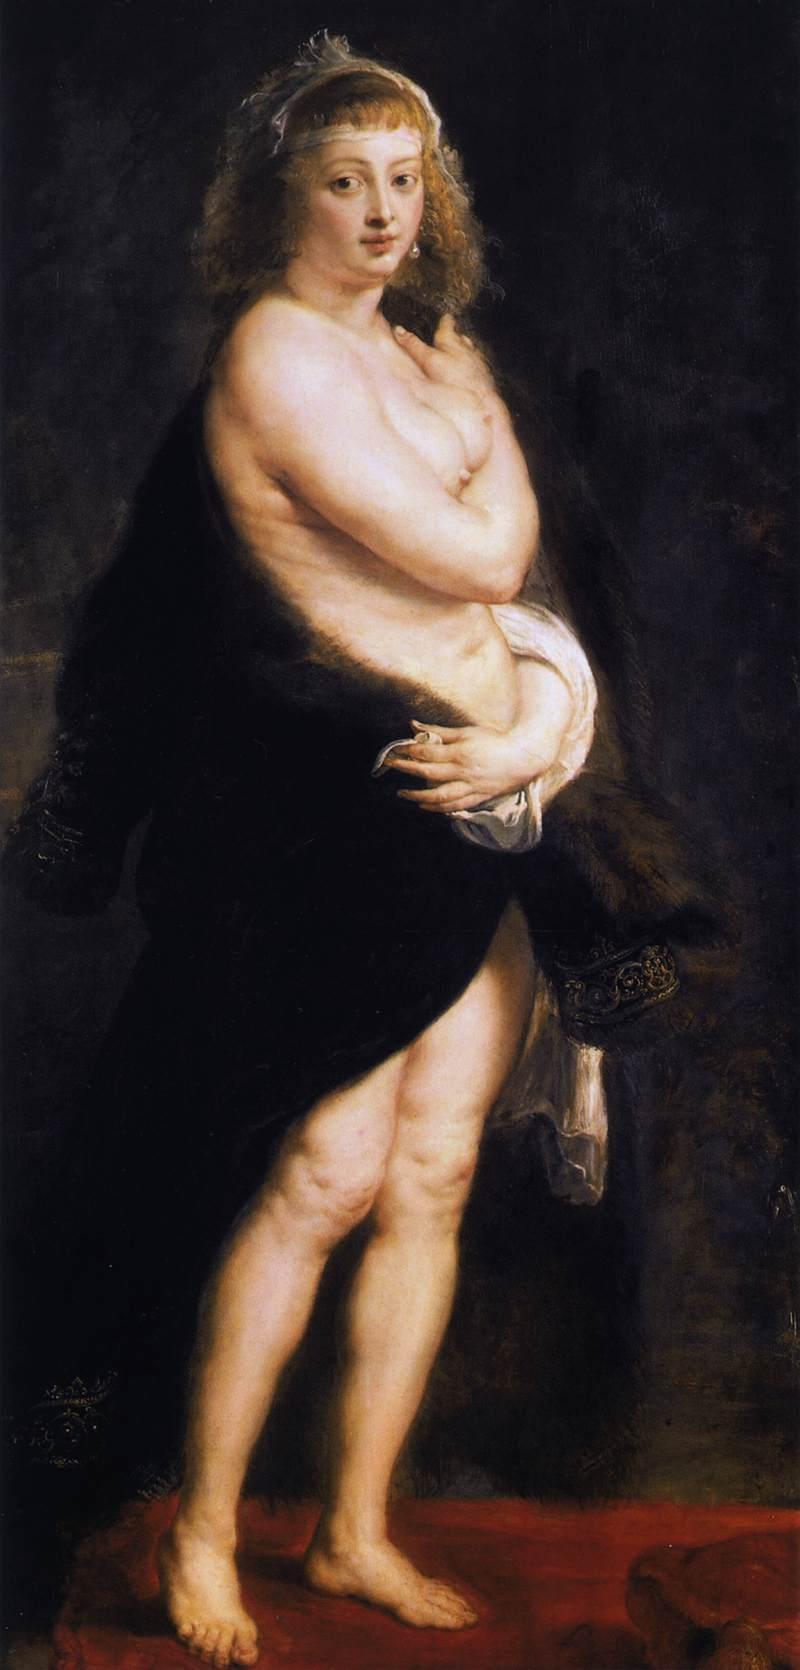 Venus in Fur Coat - Peter Paul Rubens